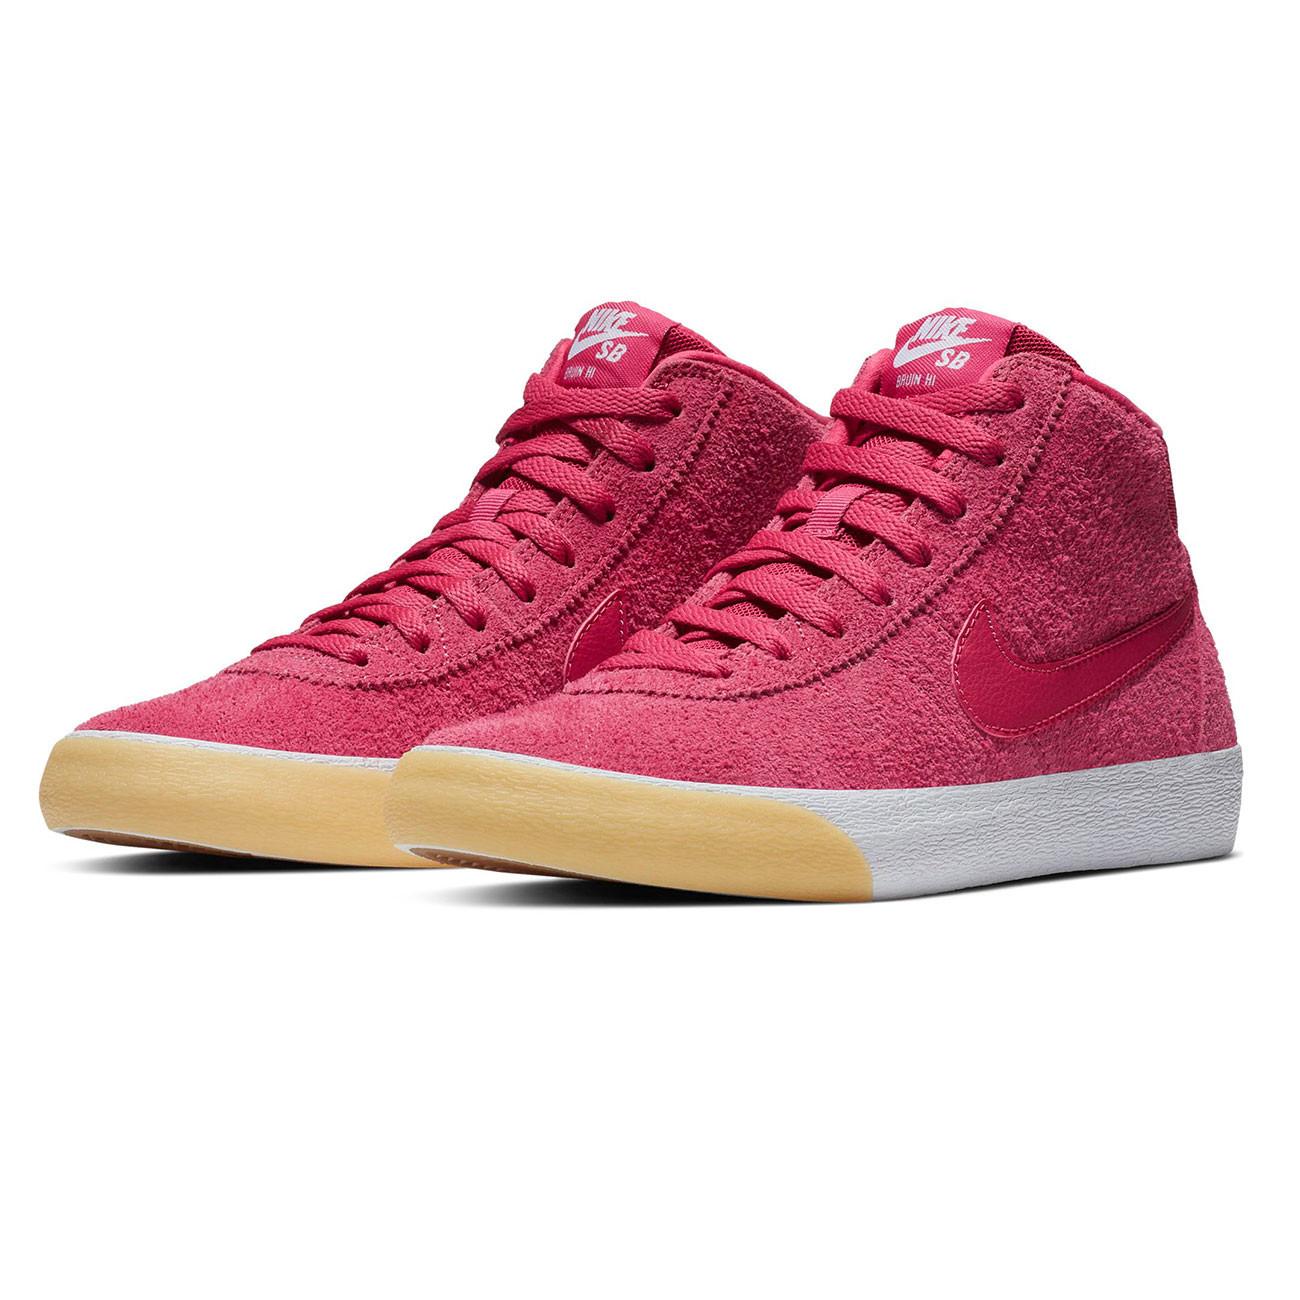 Sneakers Nike SB Bruin Hi rush pink